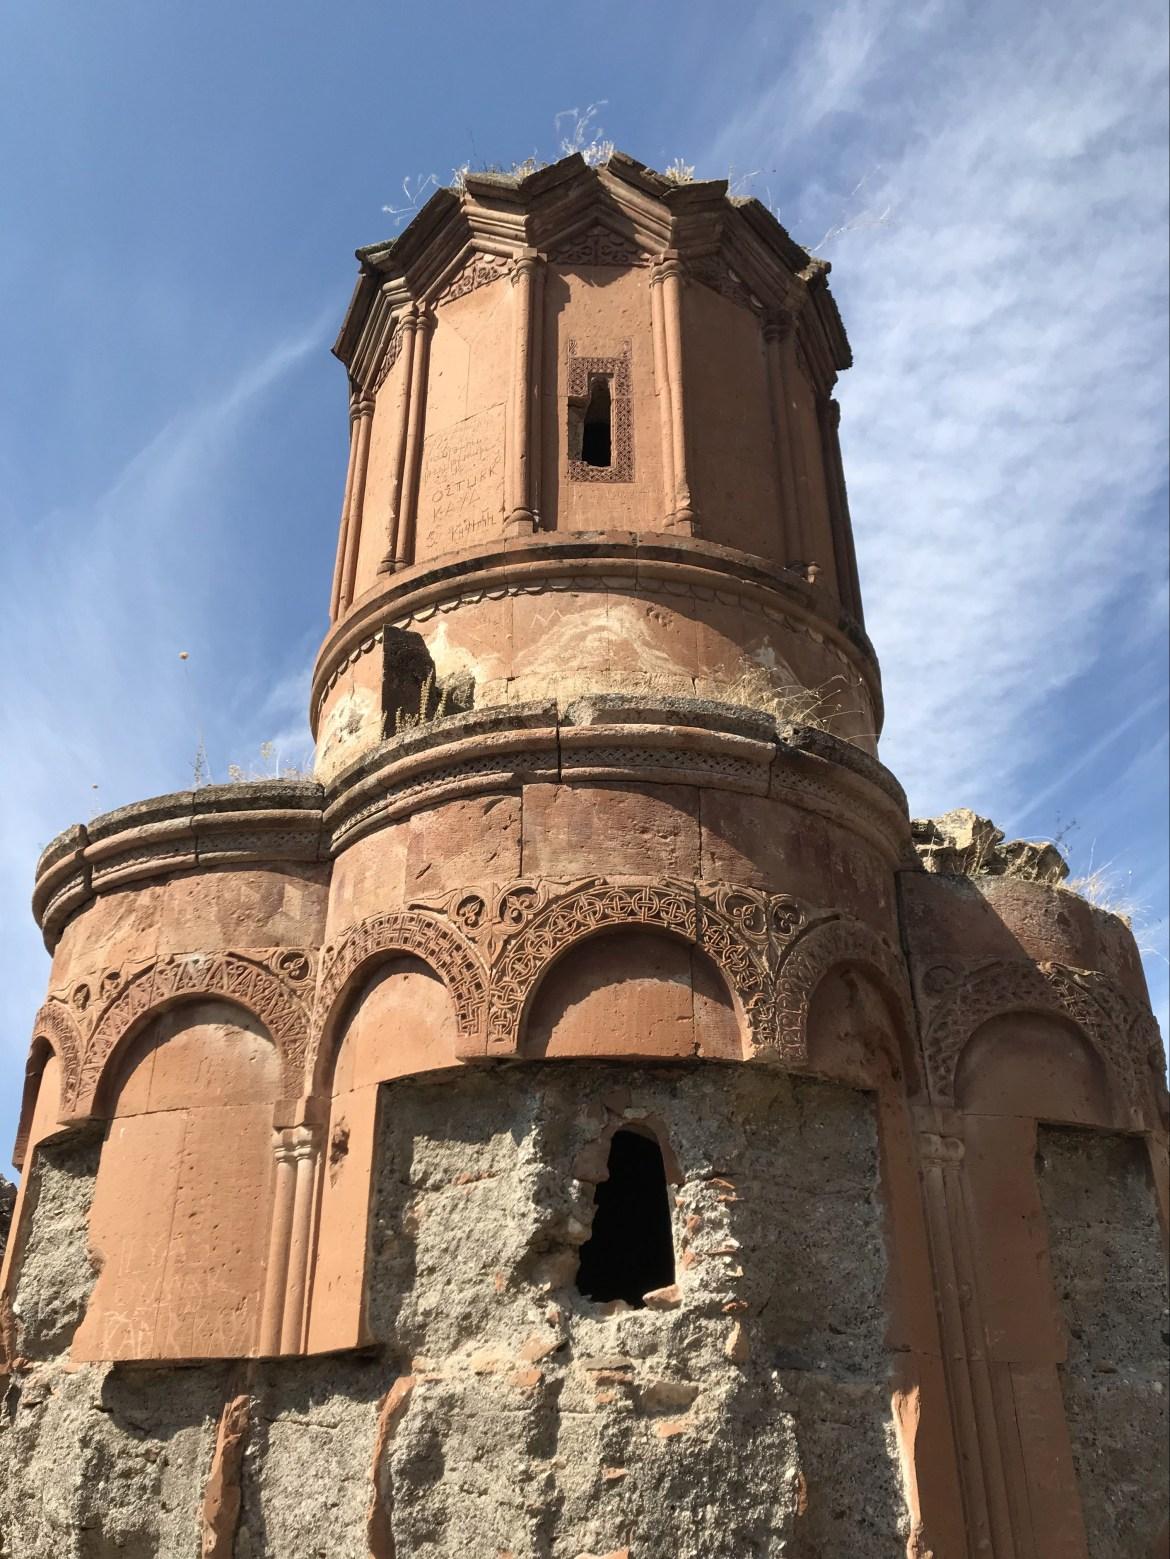 Ani-Yamaçtaki-Kilise-2.jpg